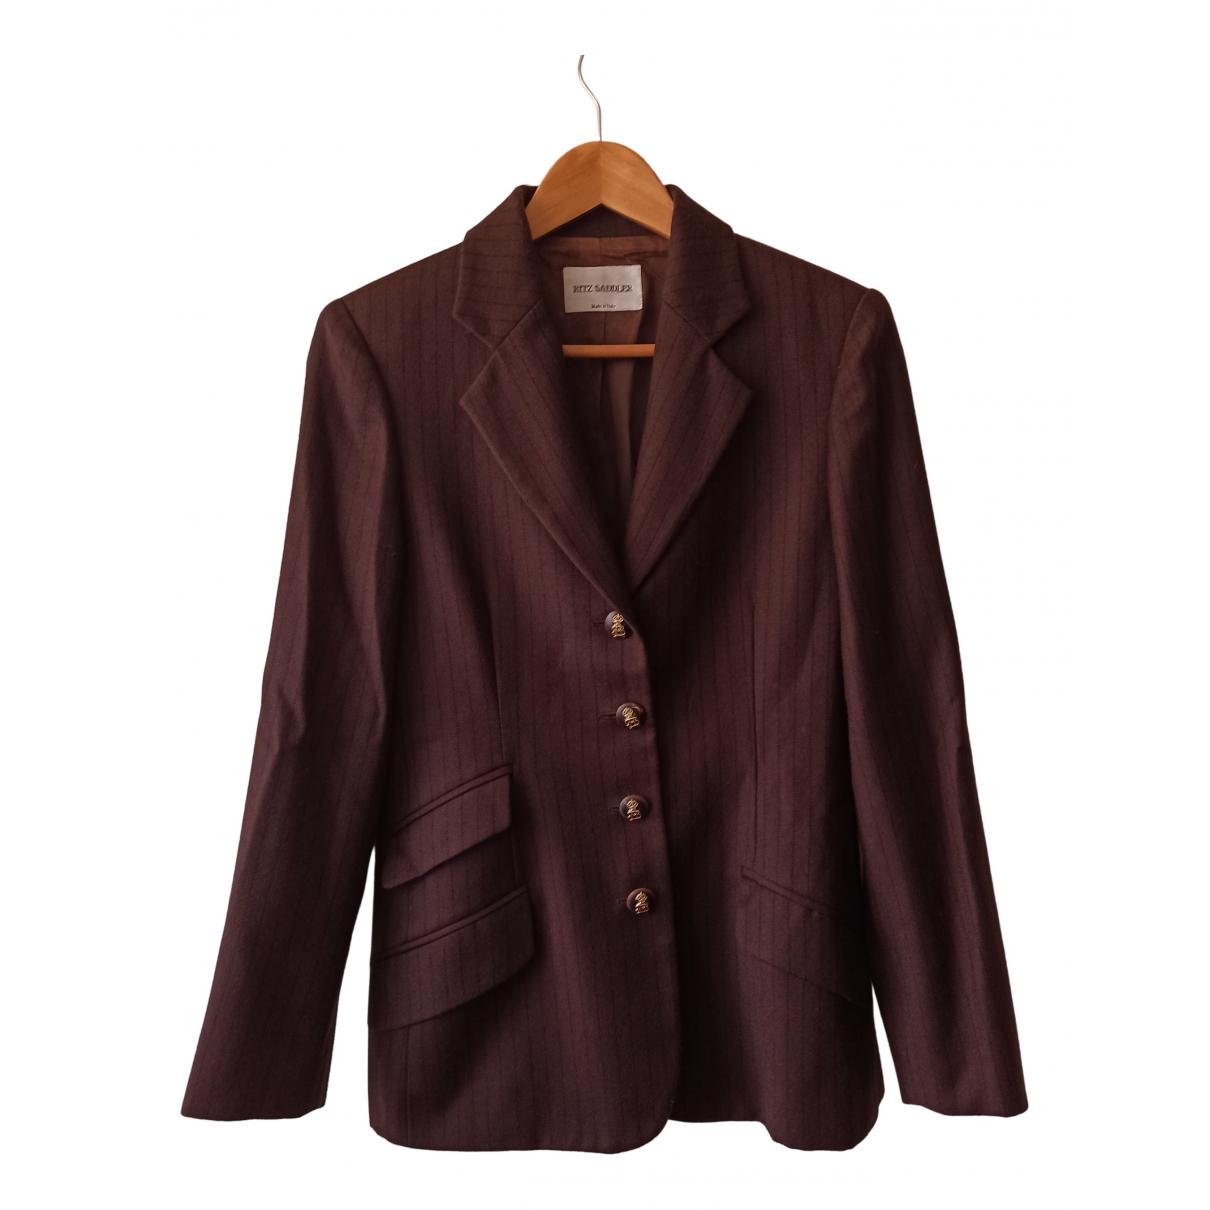 Ritz Saddler - Veste   pour femme en laine - marron